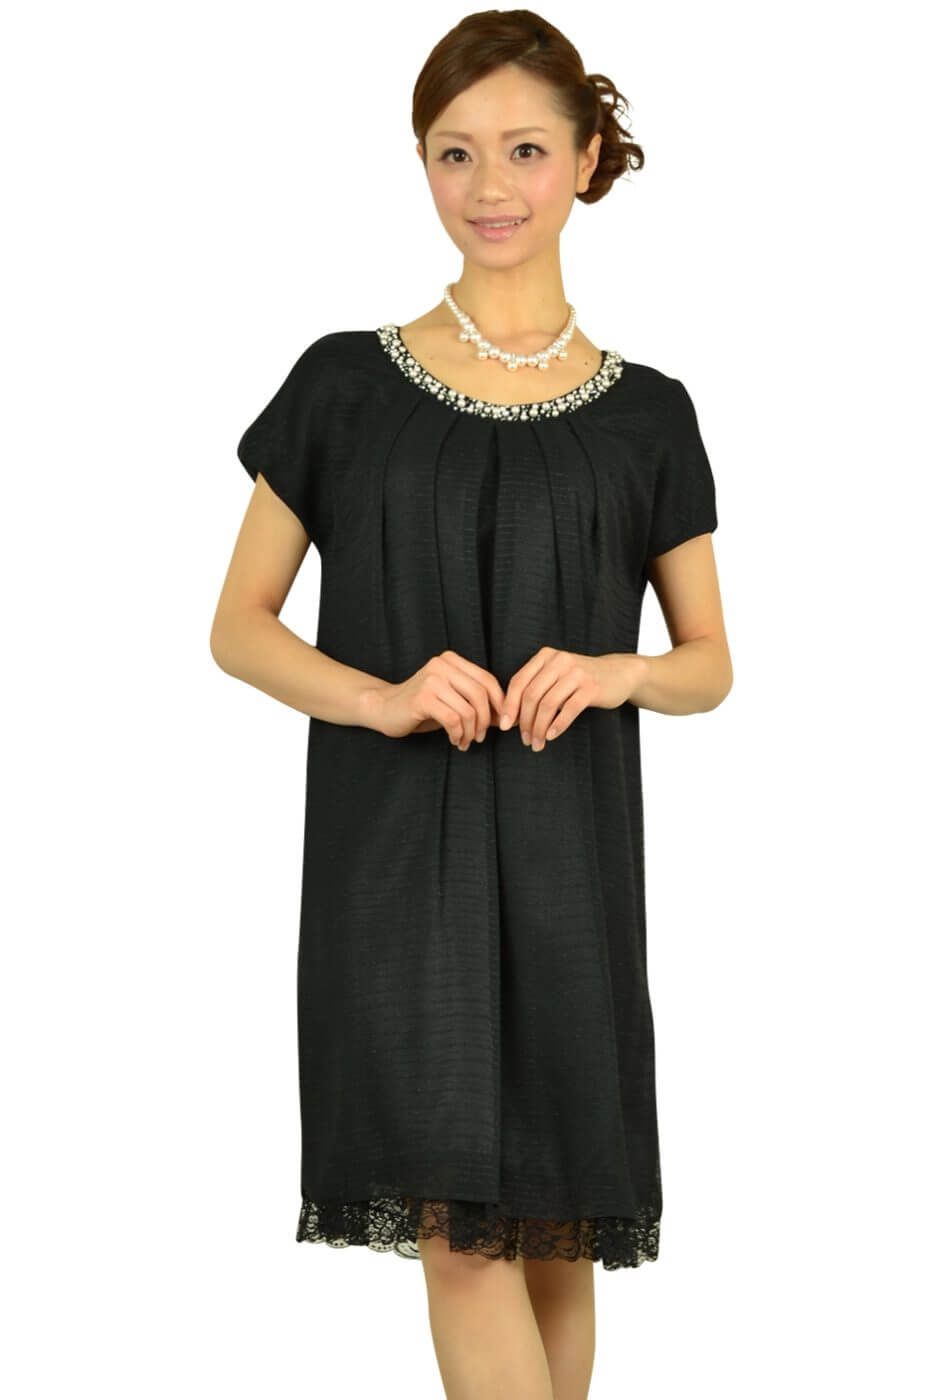 クリアインプレッション (Clear Impression)ブラックゆったりミニ袖ドレス